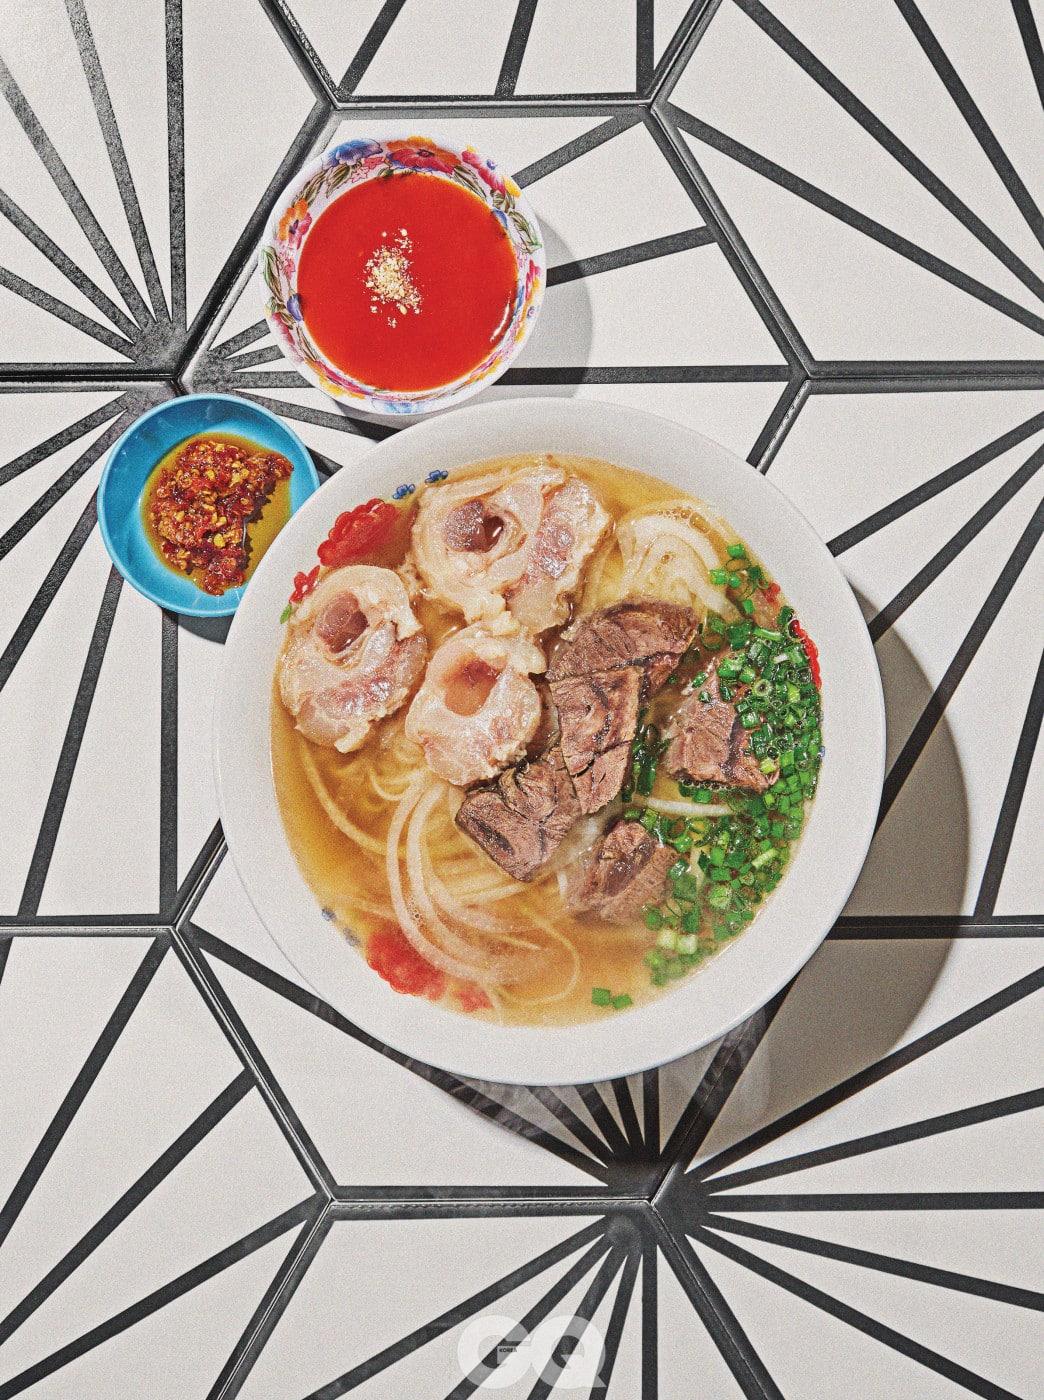 Beef Tendon Noodle 질 좋은 도가니로 만든 국수. 직접 만든 라오스식 칠리소스를 곁들이면 매콤해서 해장하기 좋다.